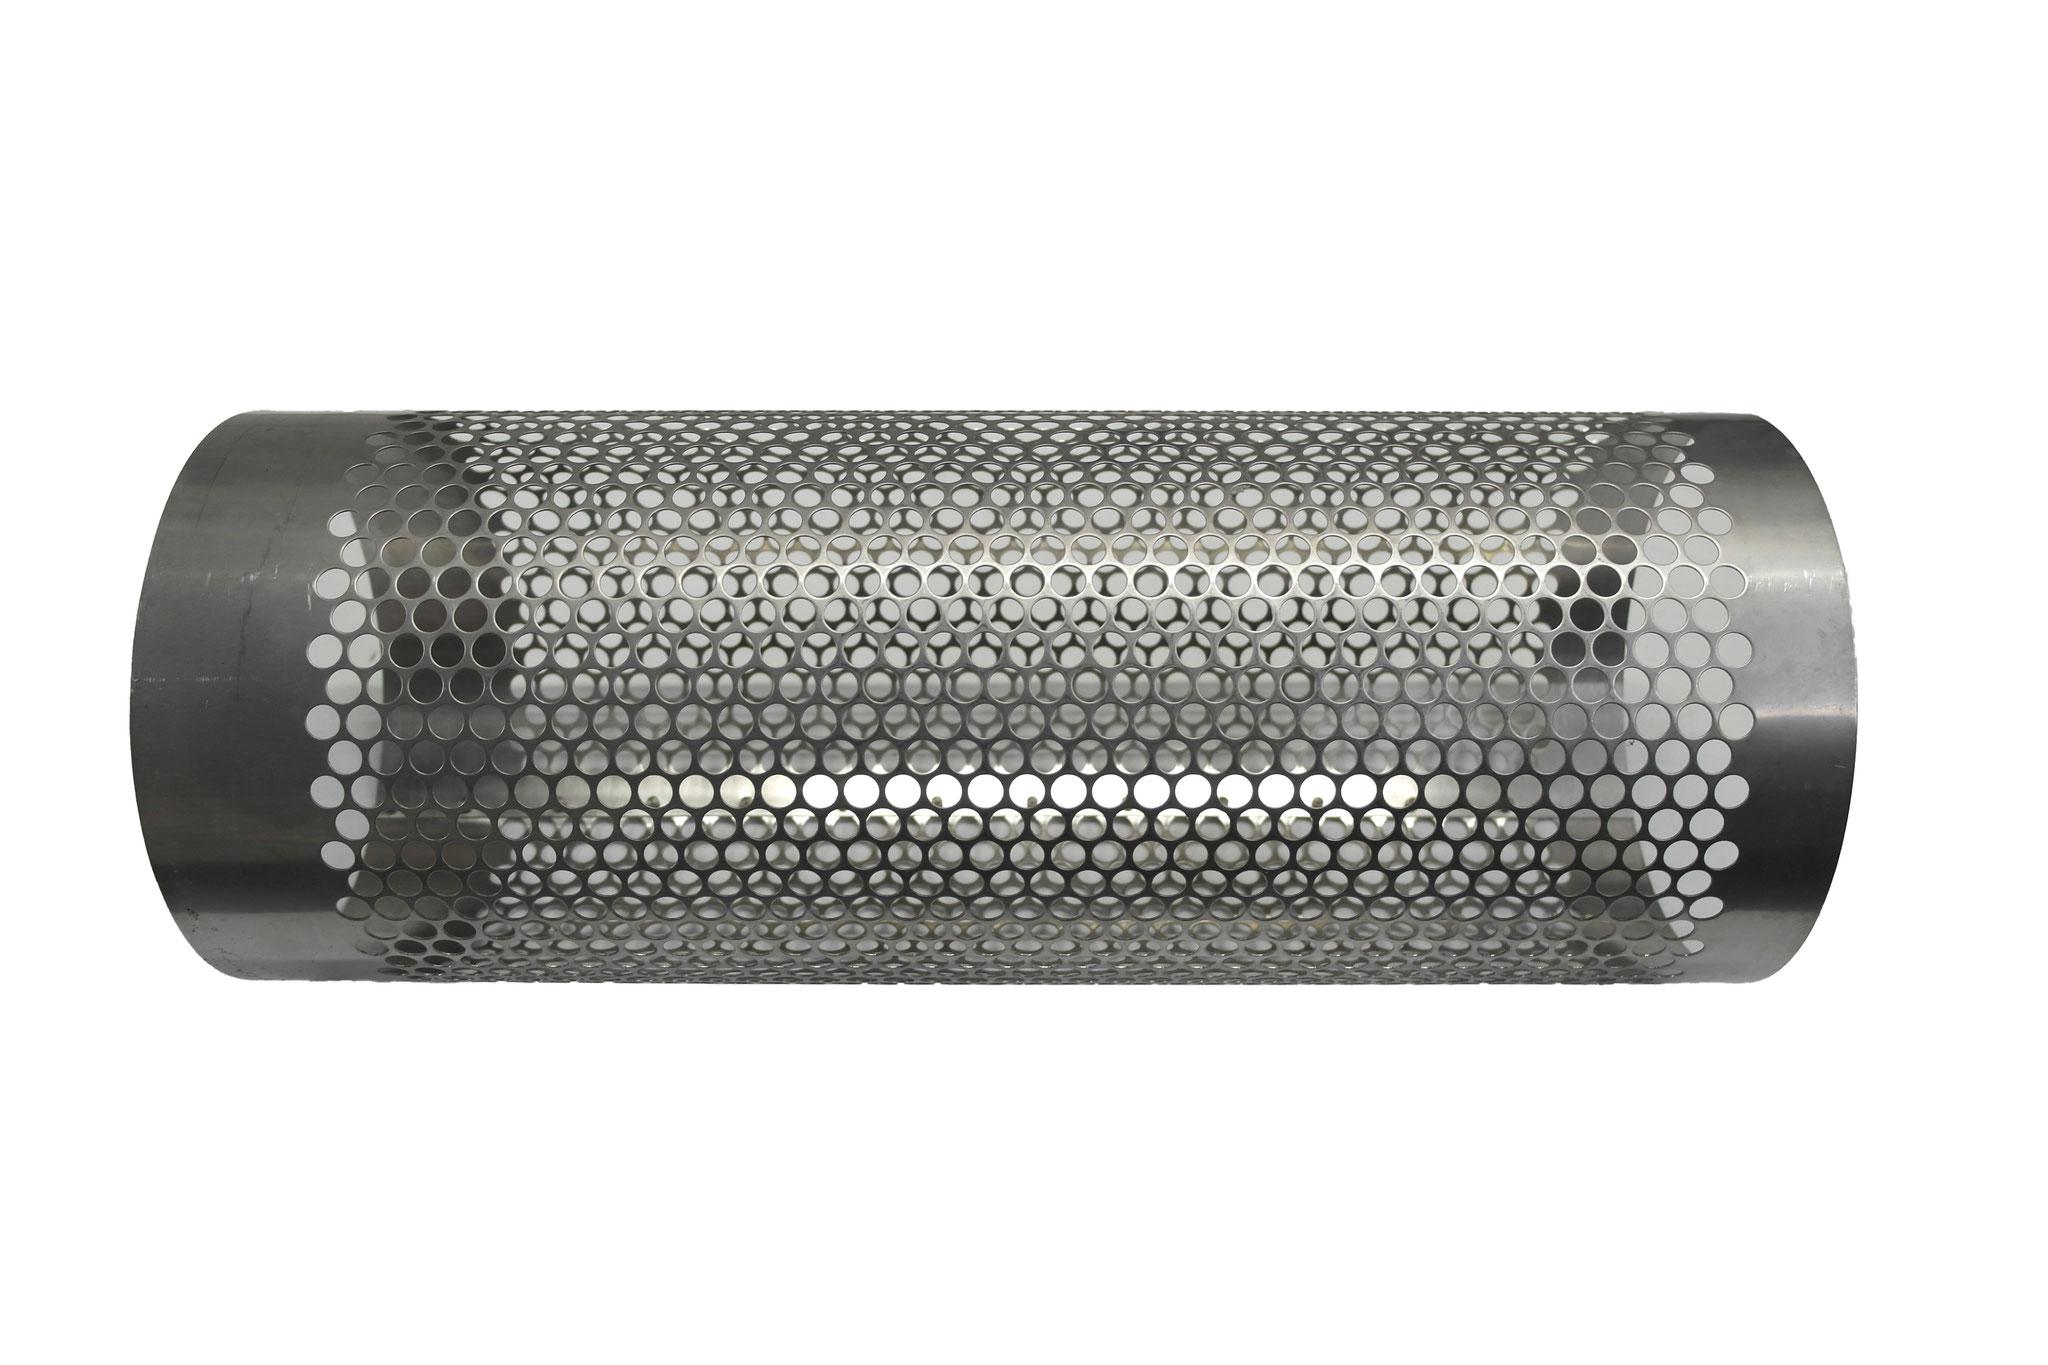 Siebrohr für 200er KG Rohr (DN 200)